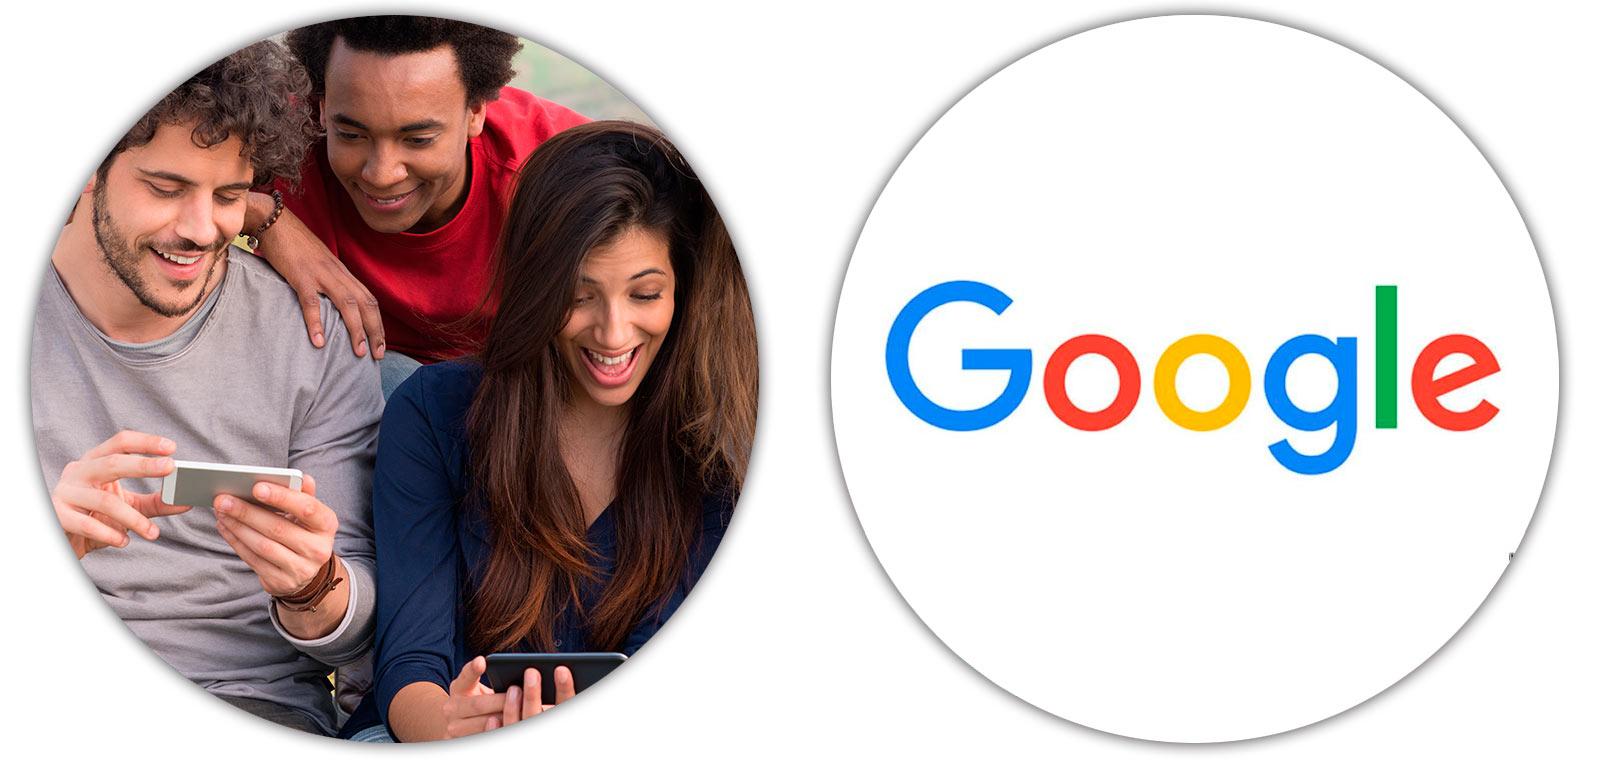 enamorar-personas-google